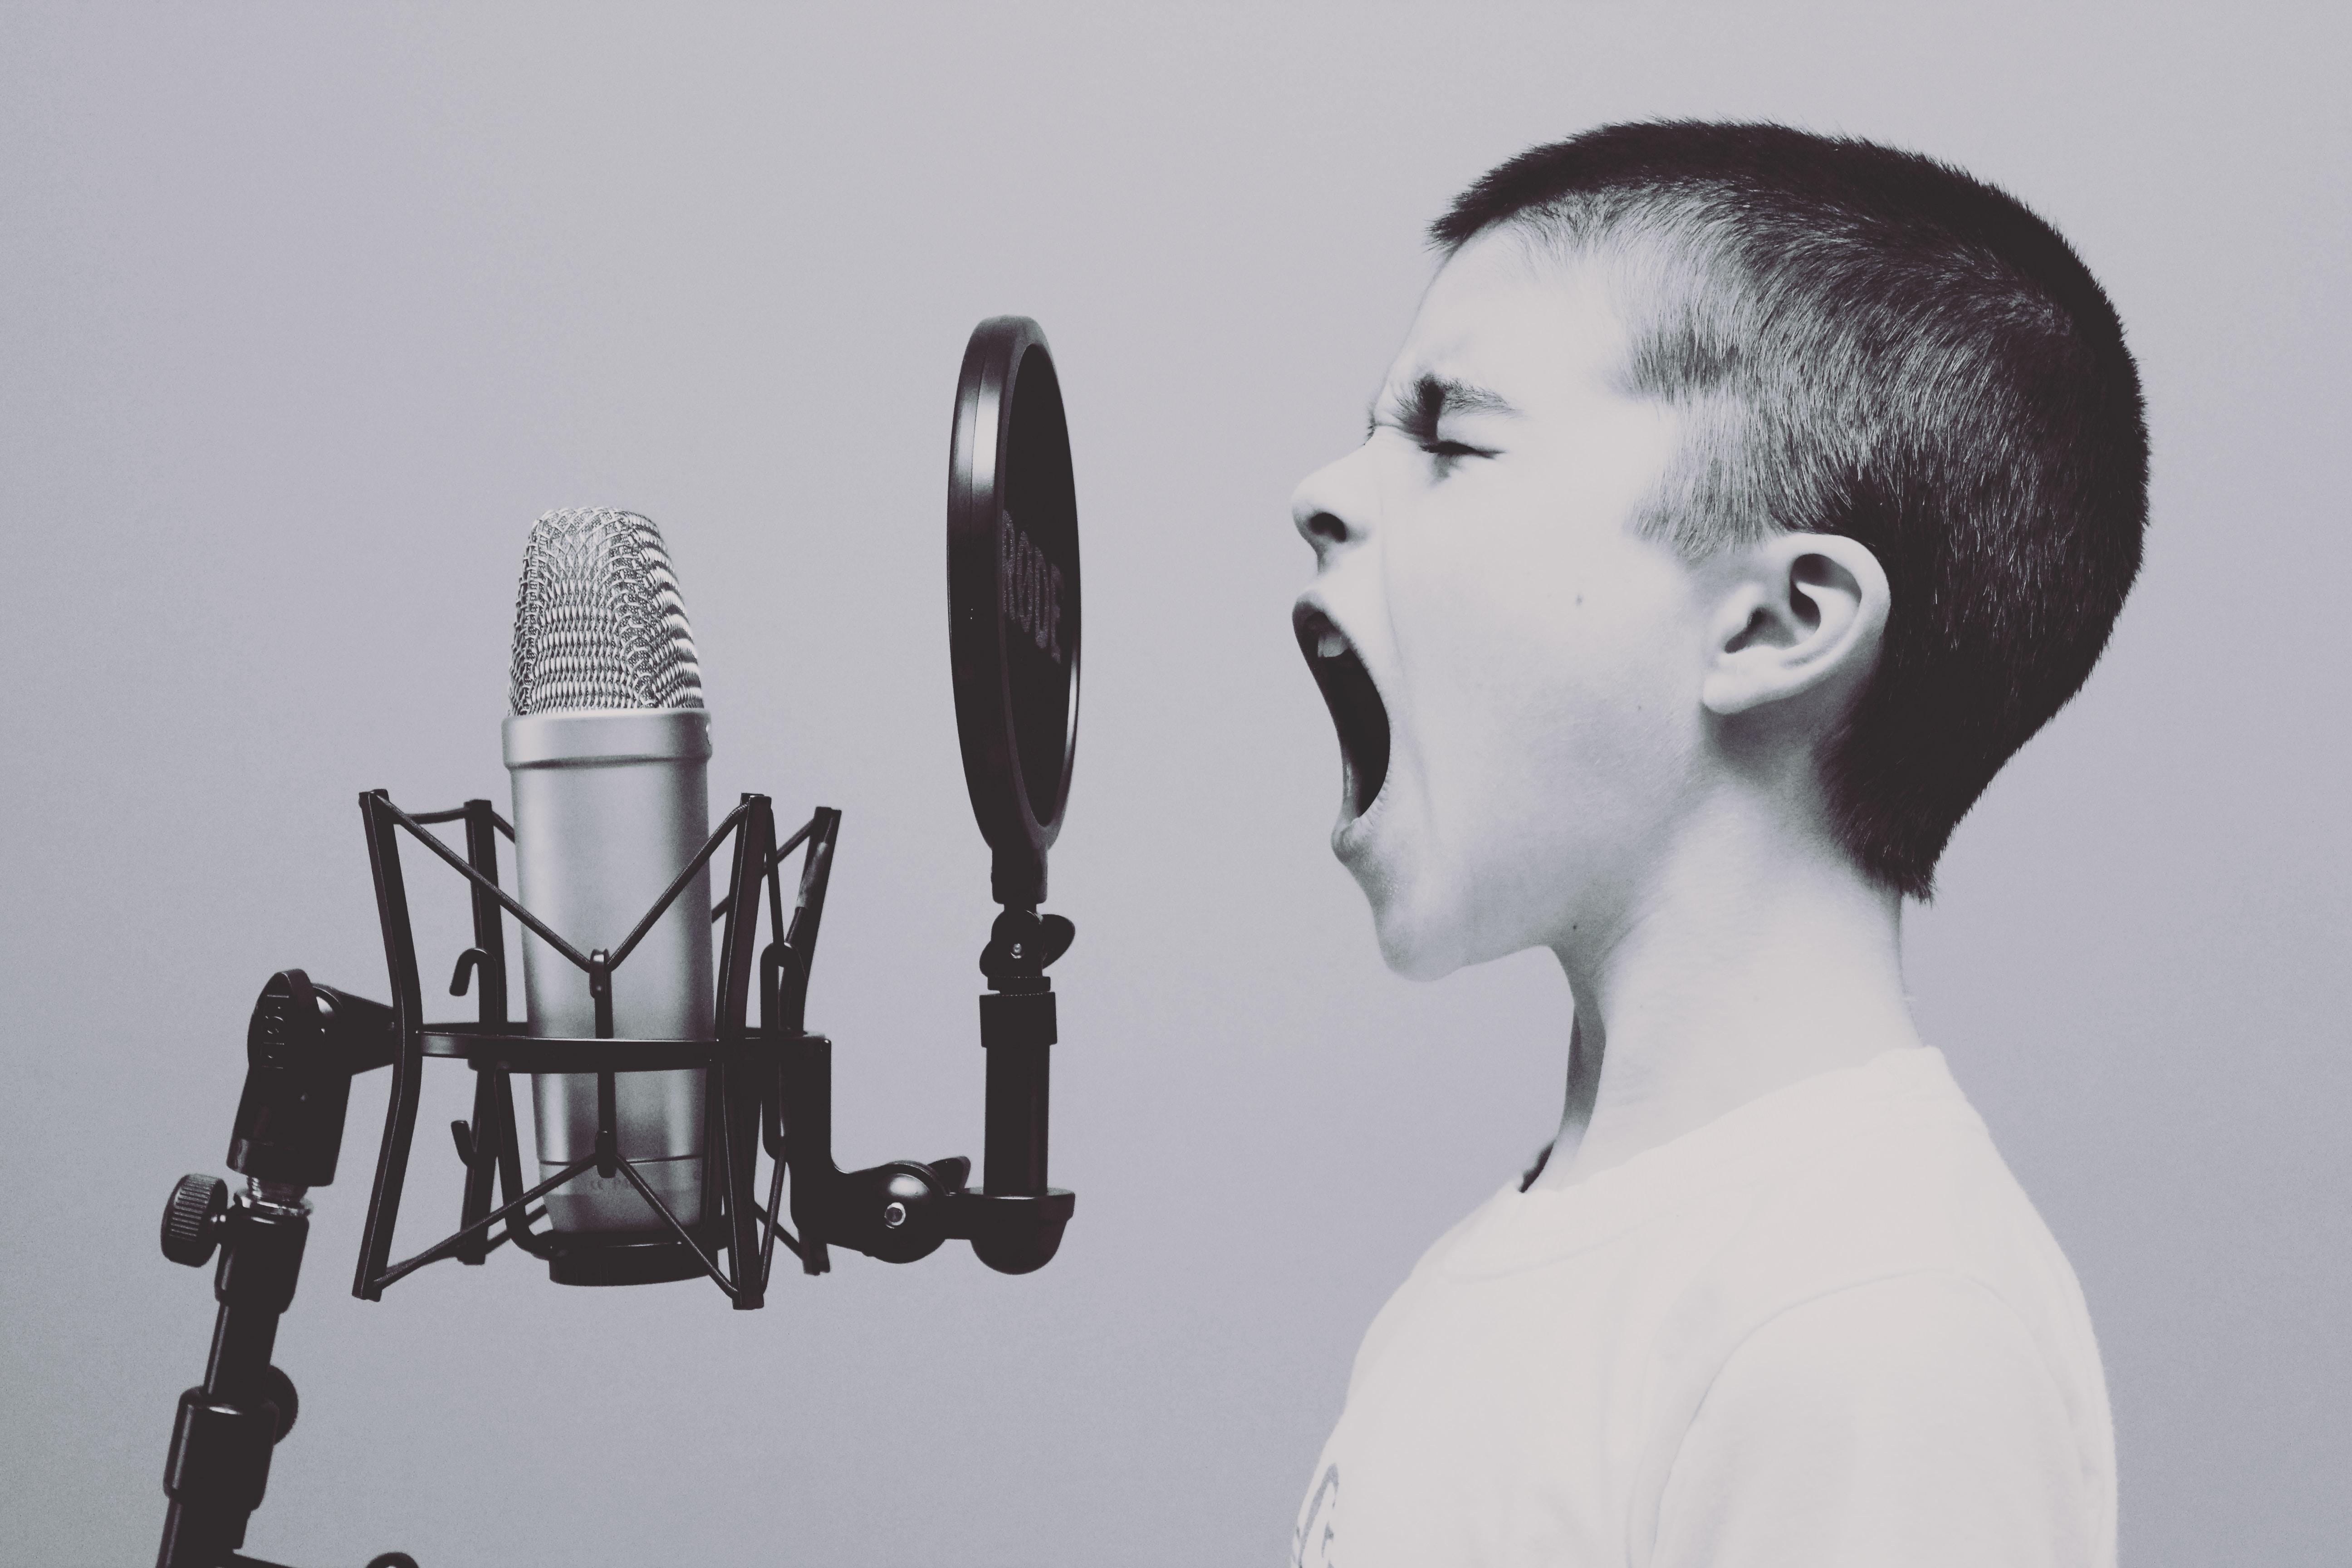 ragazzo che urla al microfono